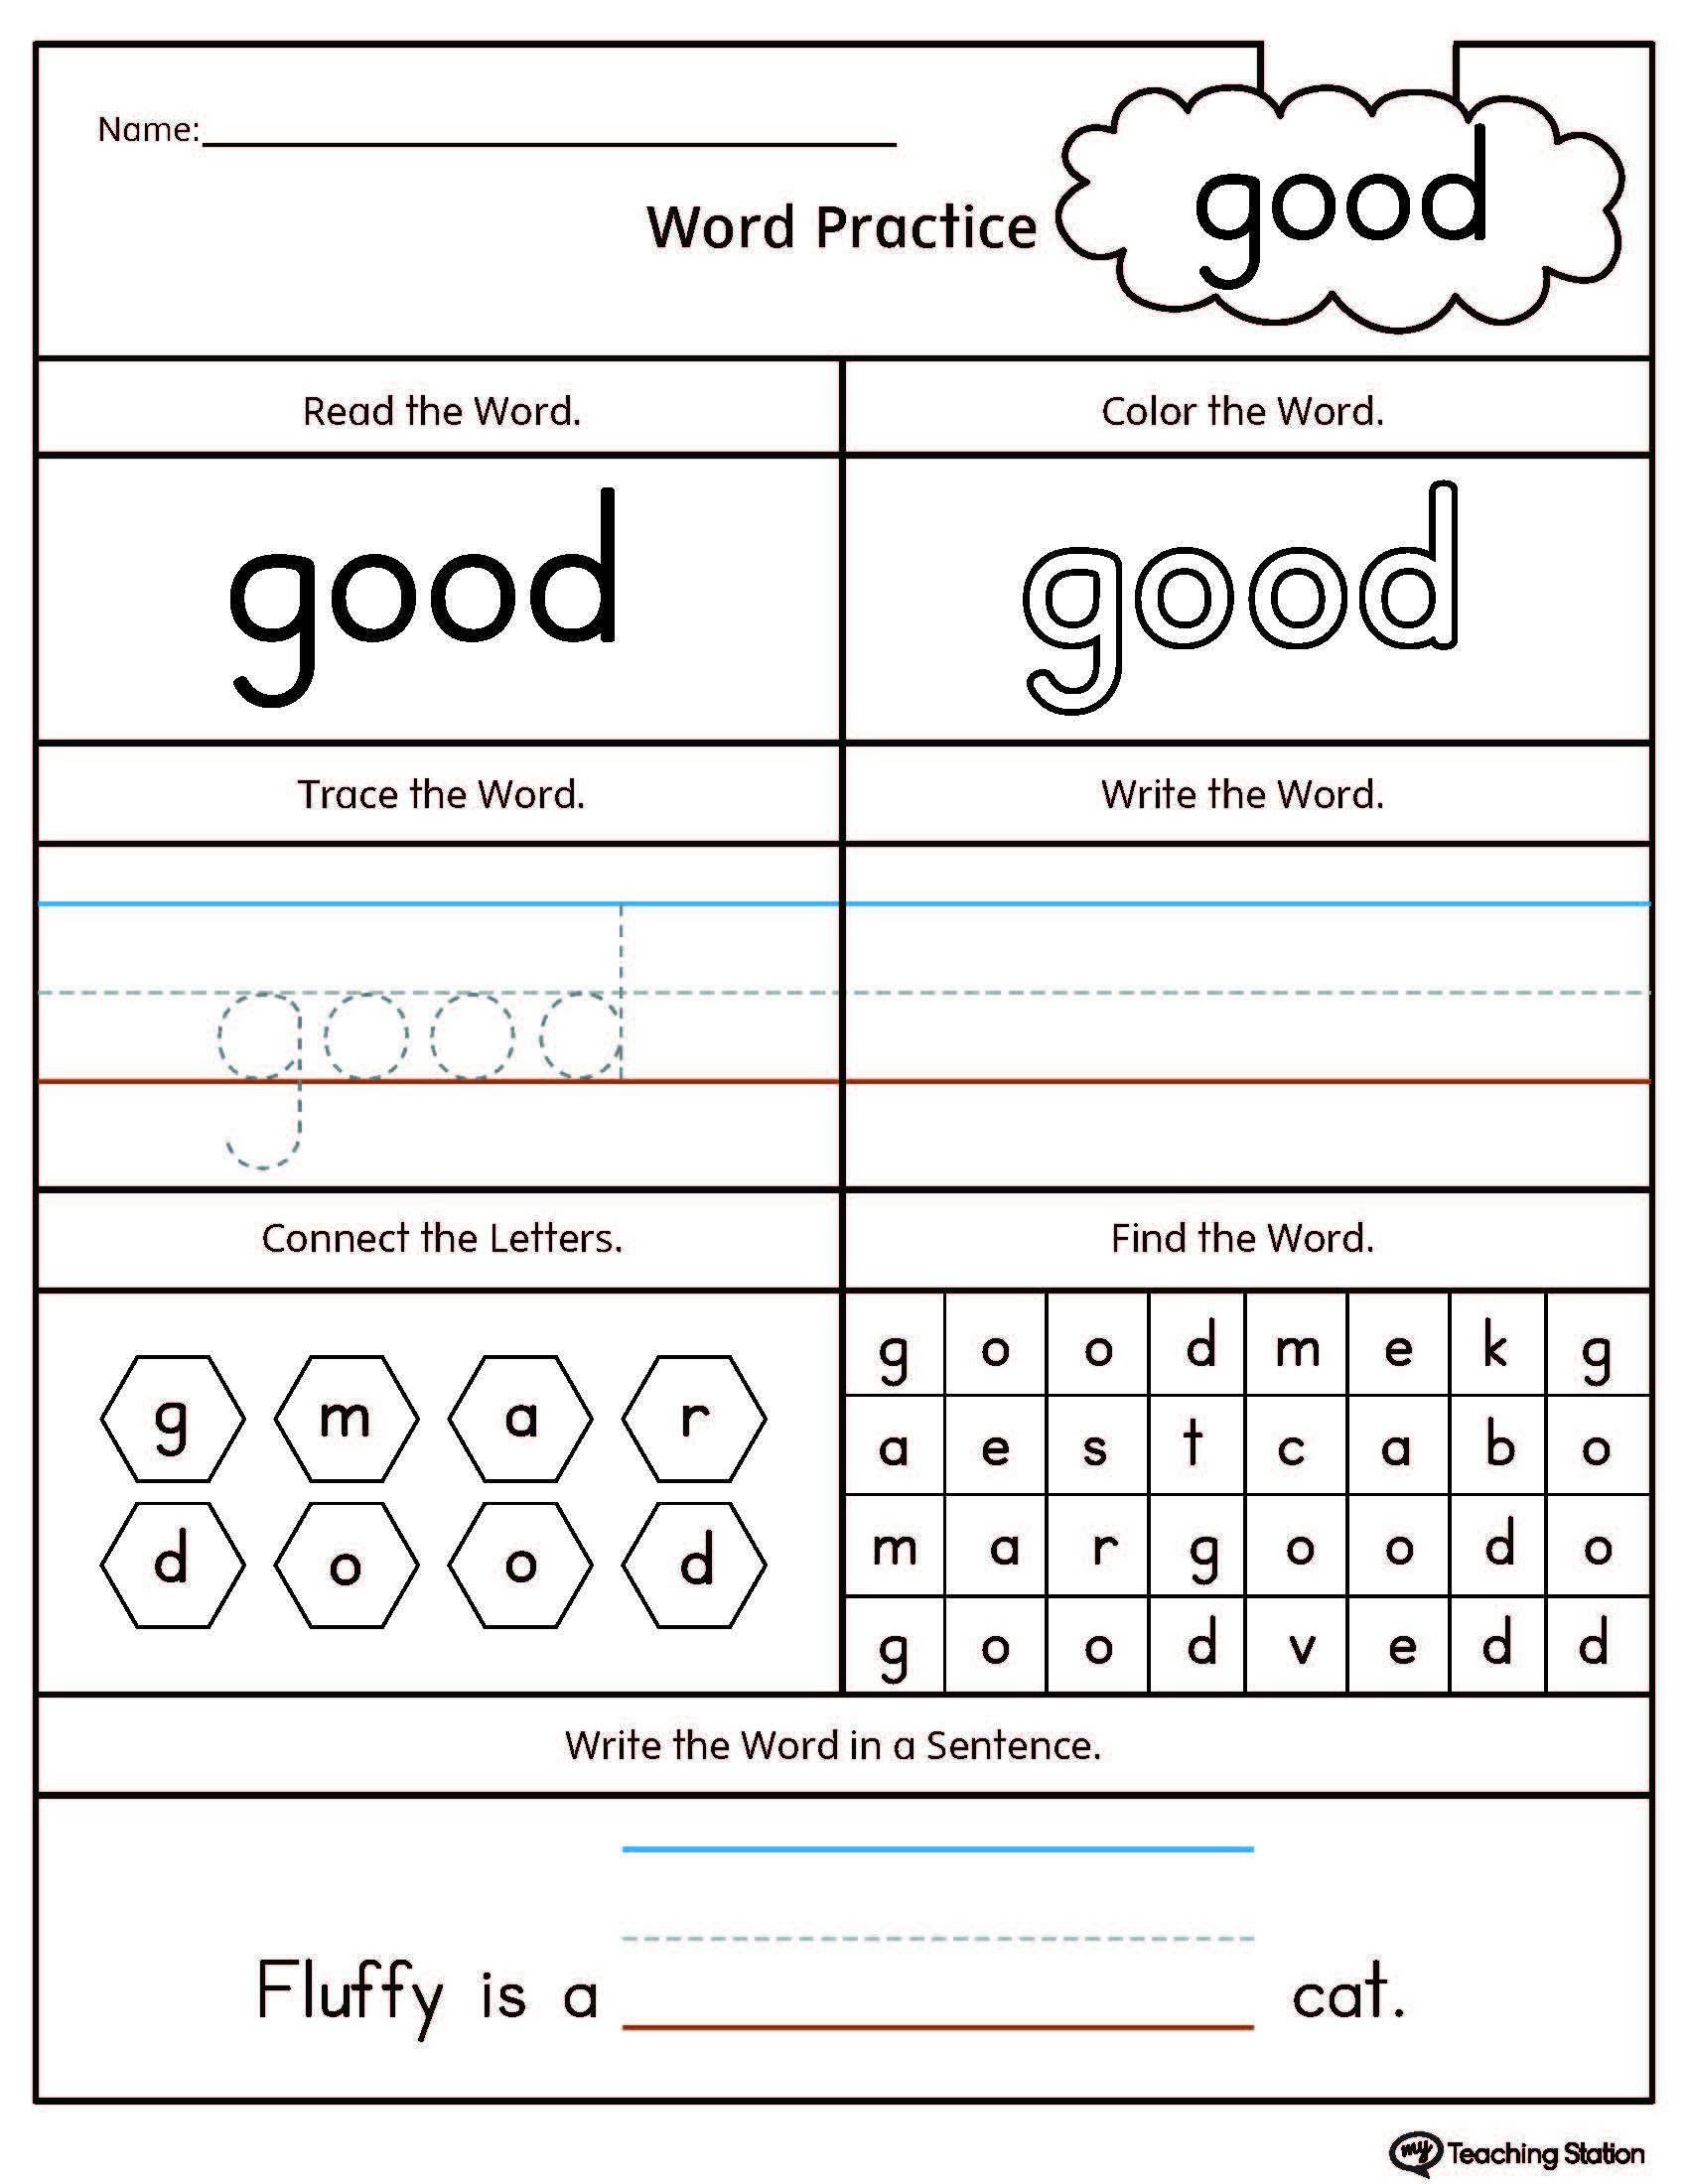 Bible Timeline Worksheet